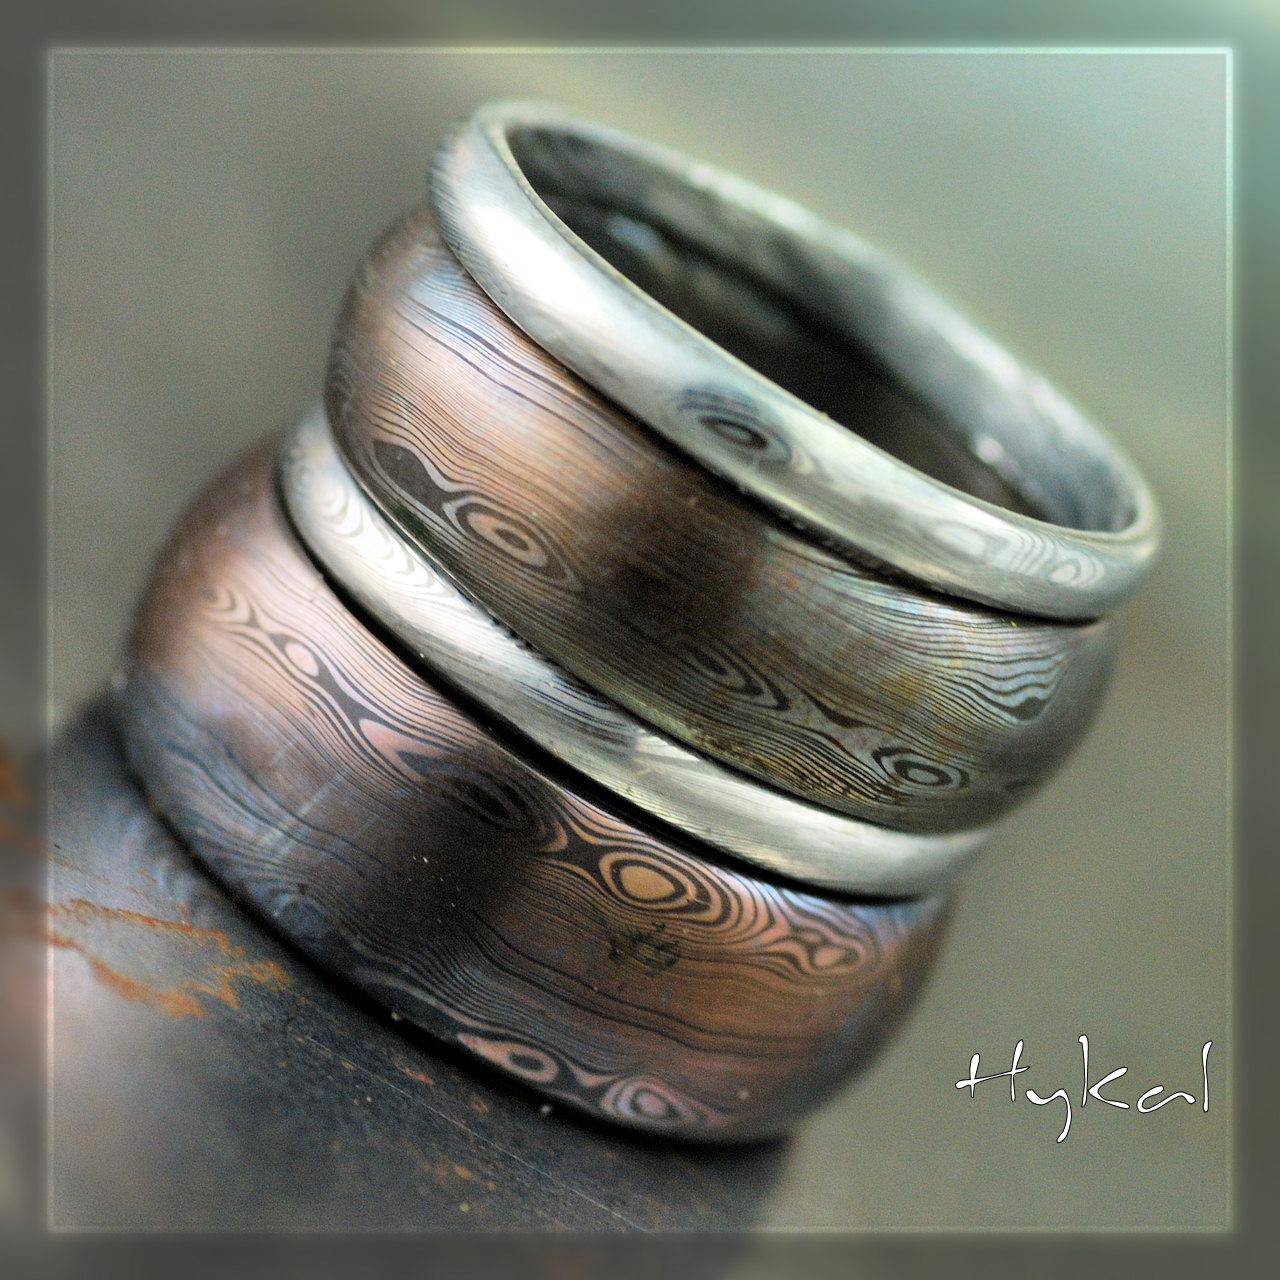 Sada kovaných snubních prstenů nerez ocel damasteel (Sada kovaných snubních prstenů nerez ocel damasteel)